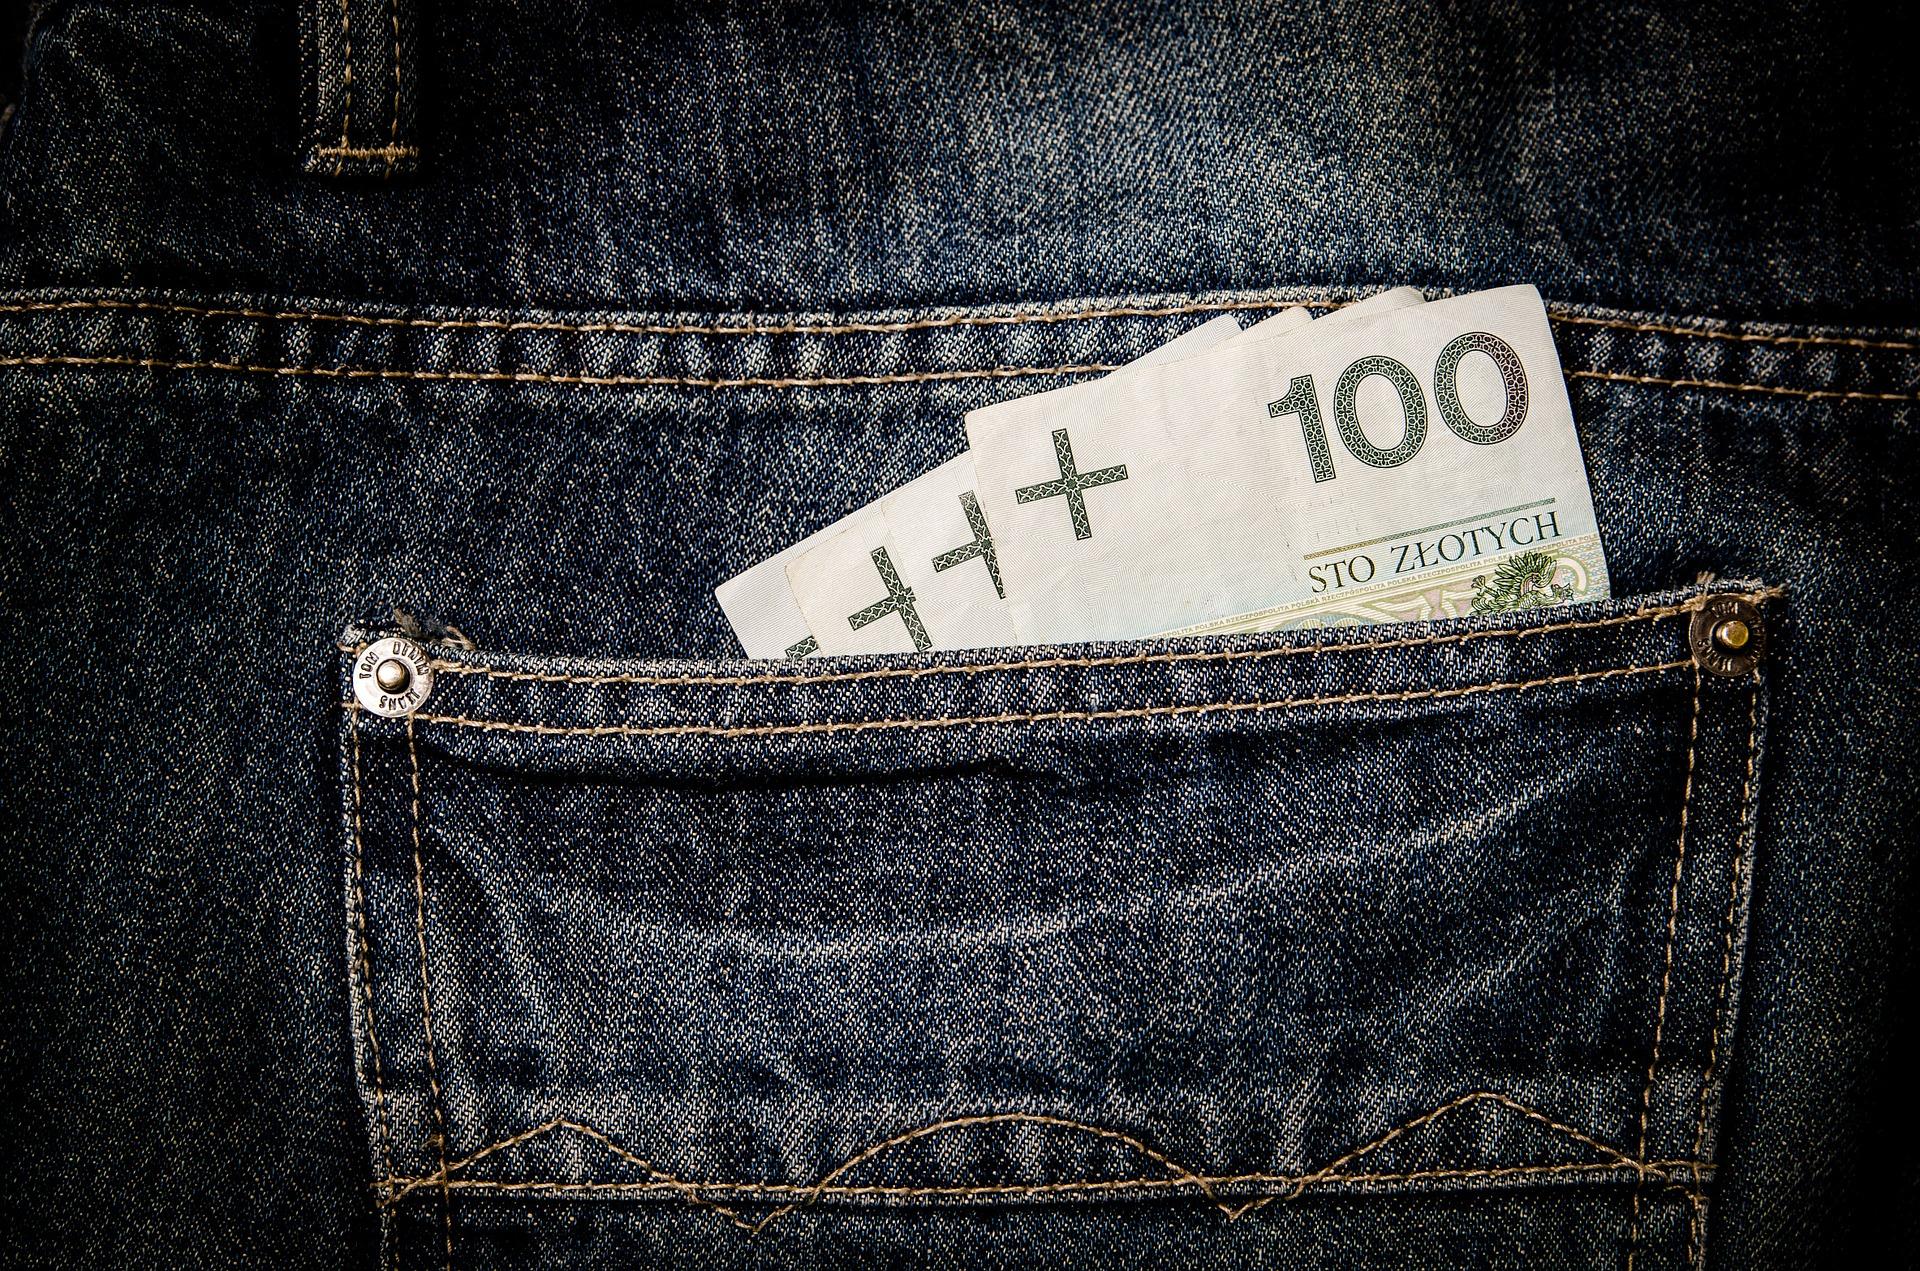 Anuluj Dług - jak pozbyć się natręta? 3